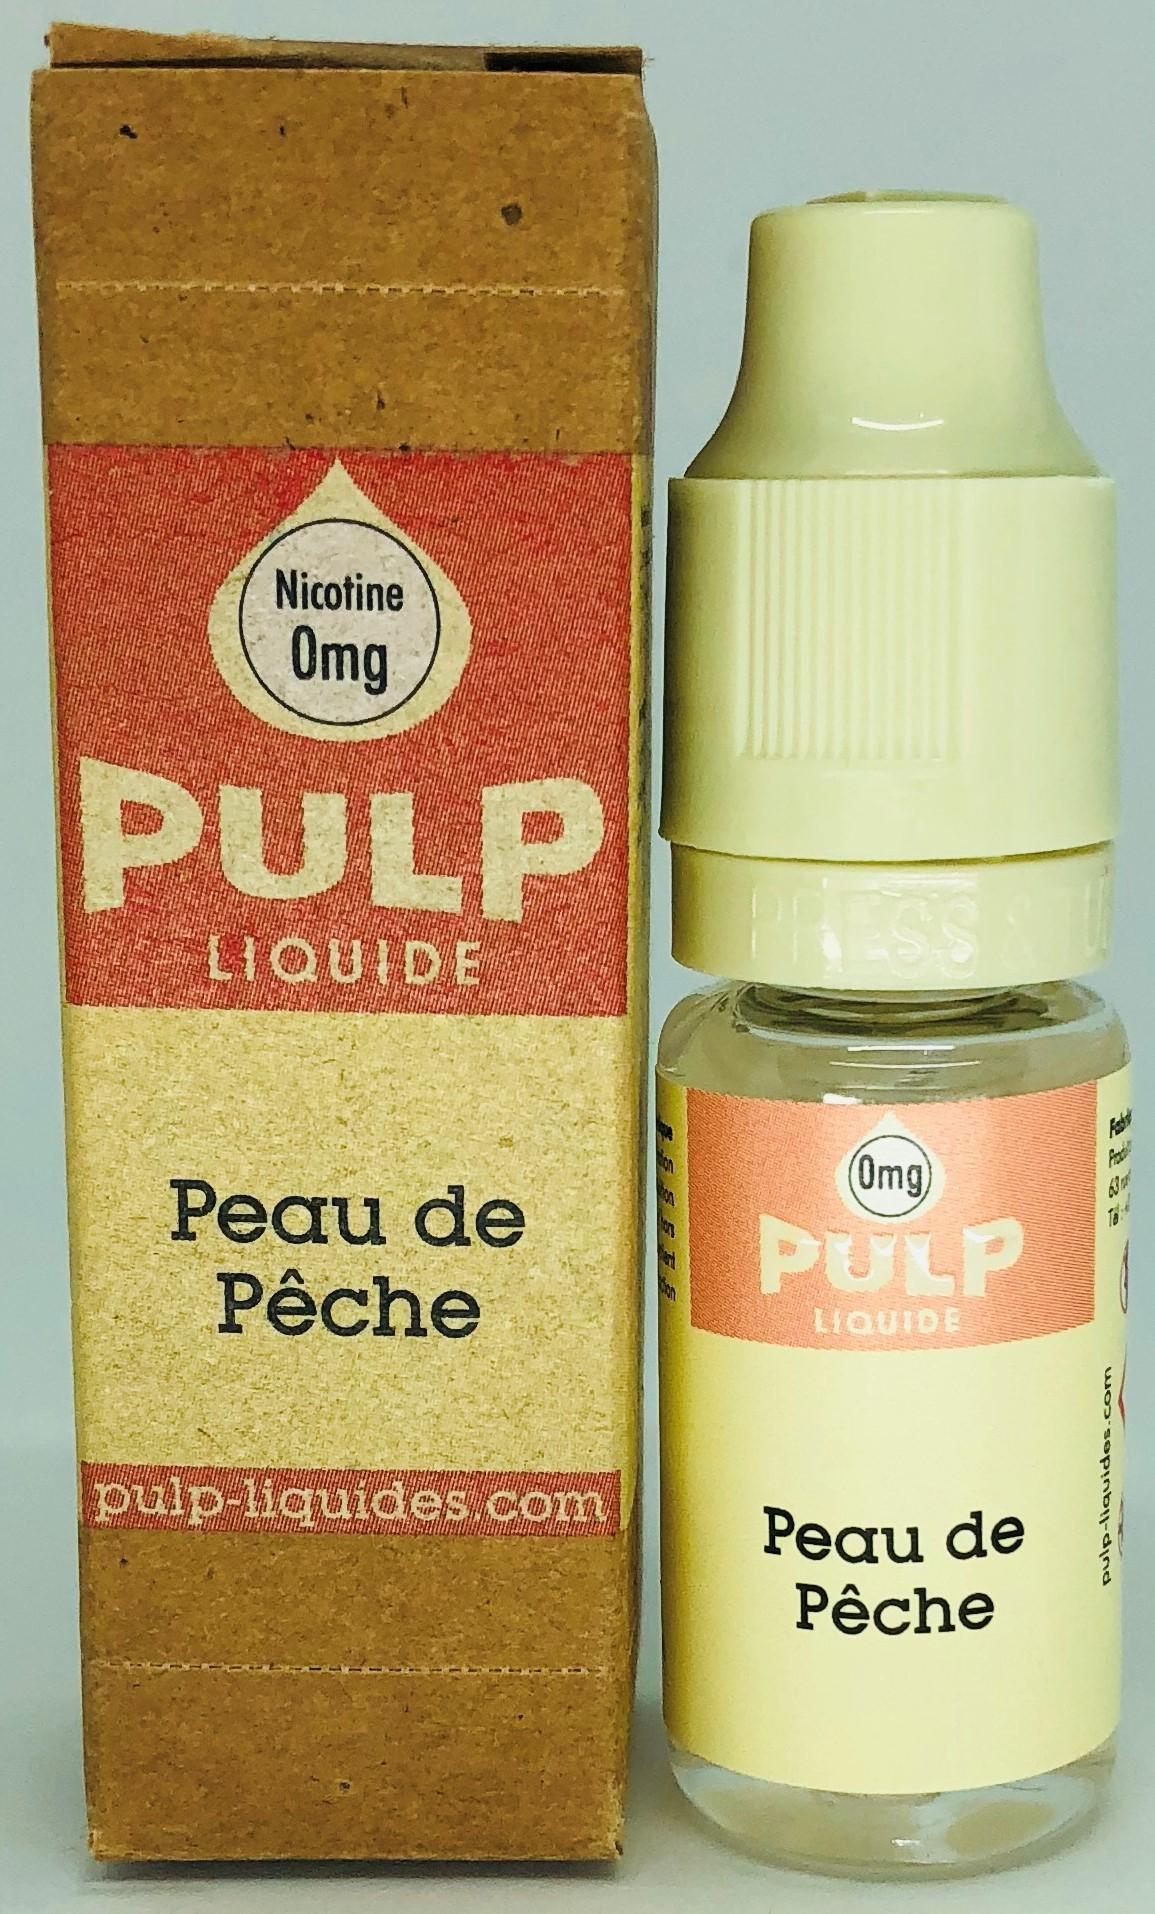 PEAU DE PECHE